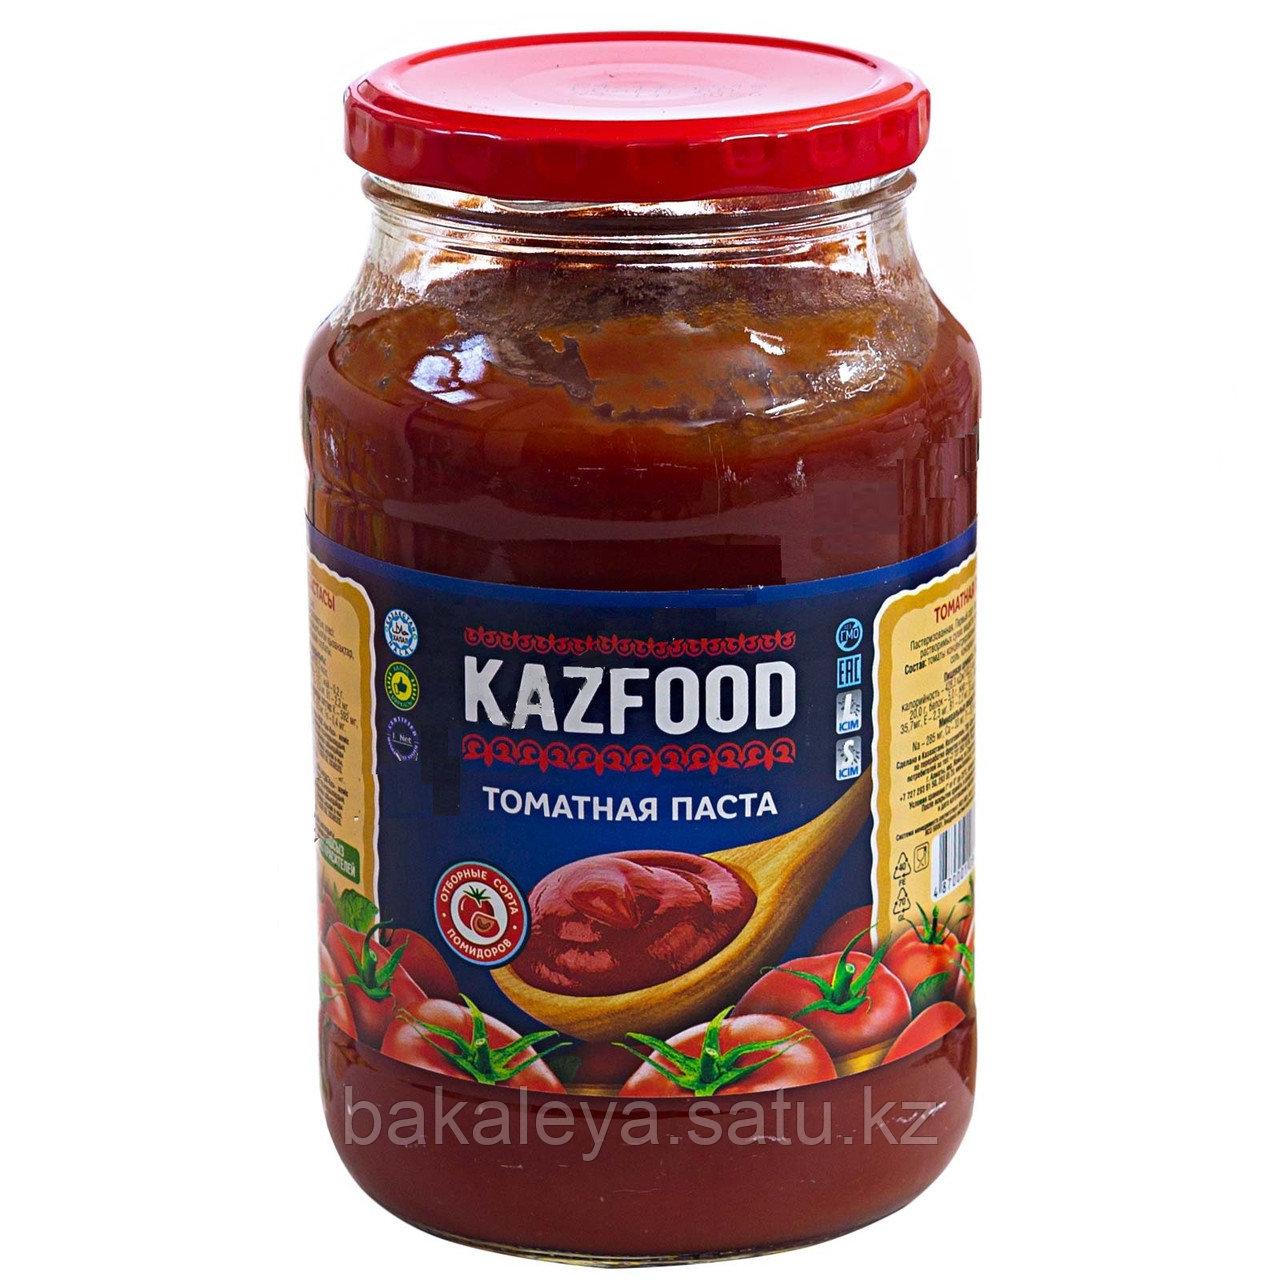 Томатная паста KAZFOOD ст/б, 900 гр